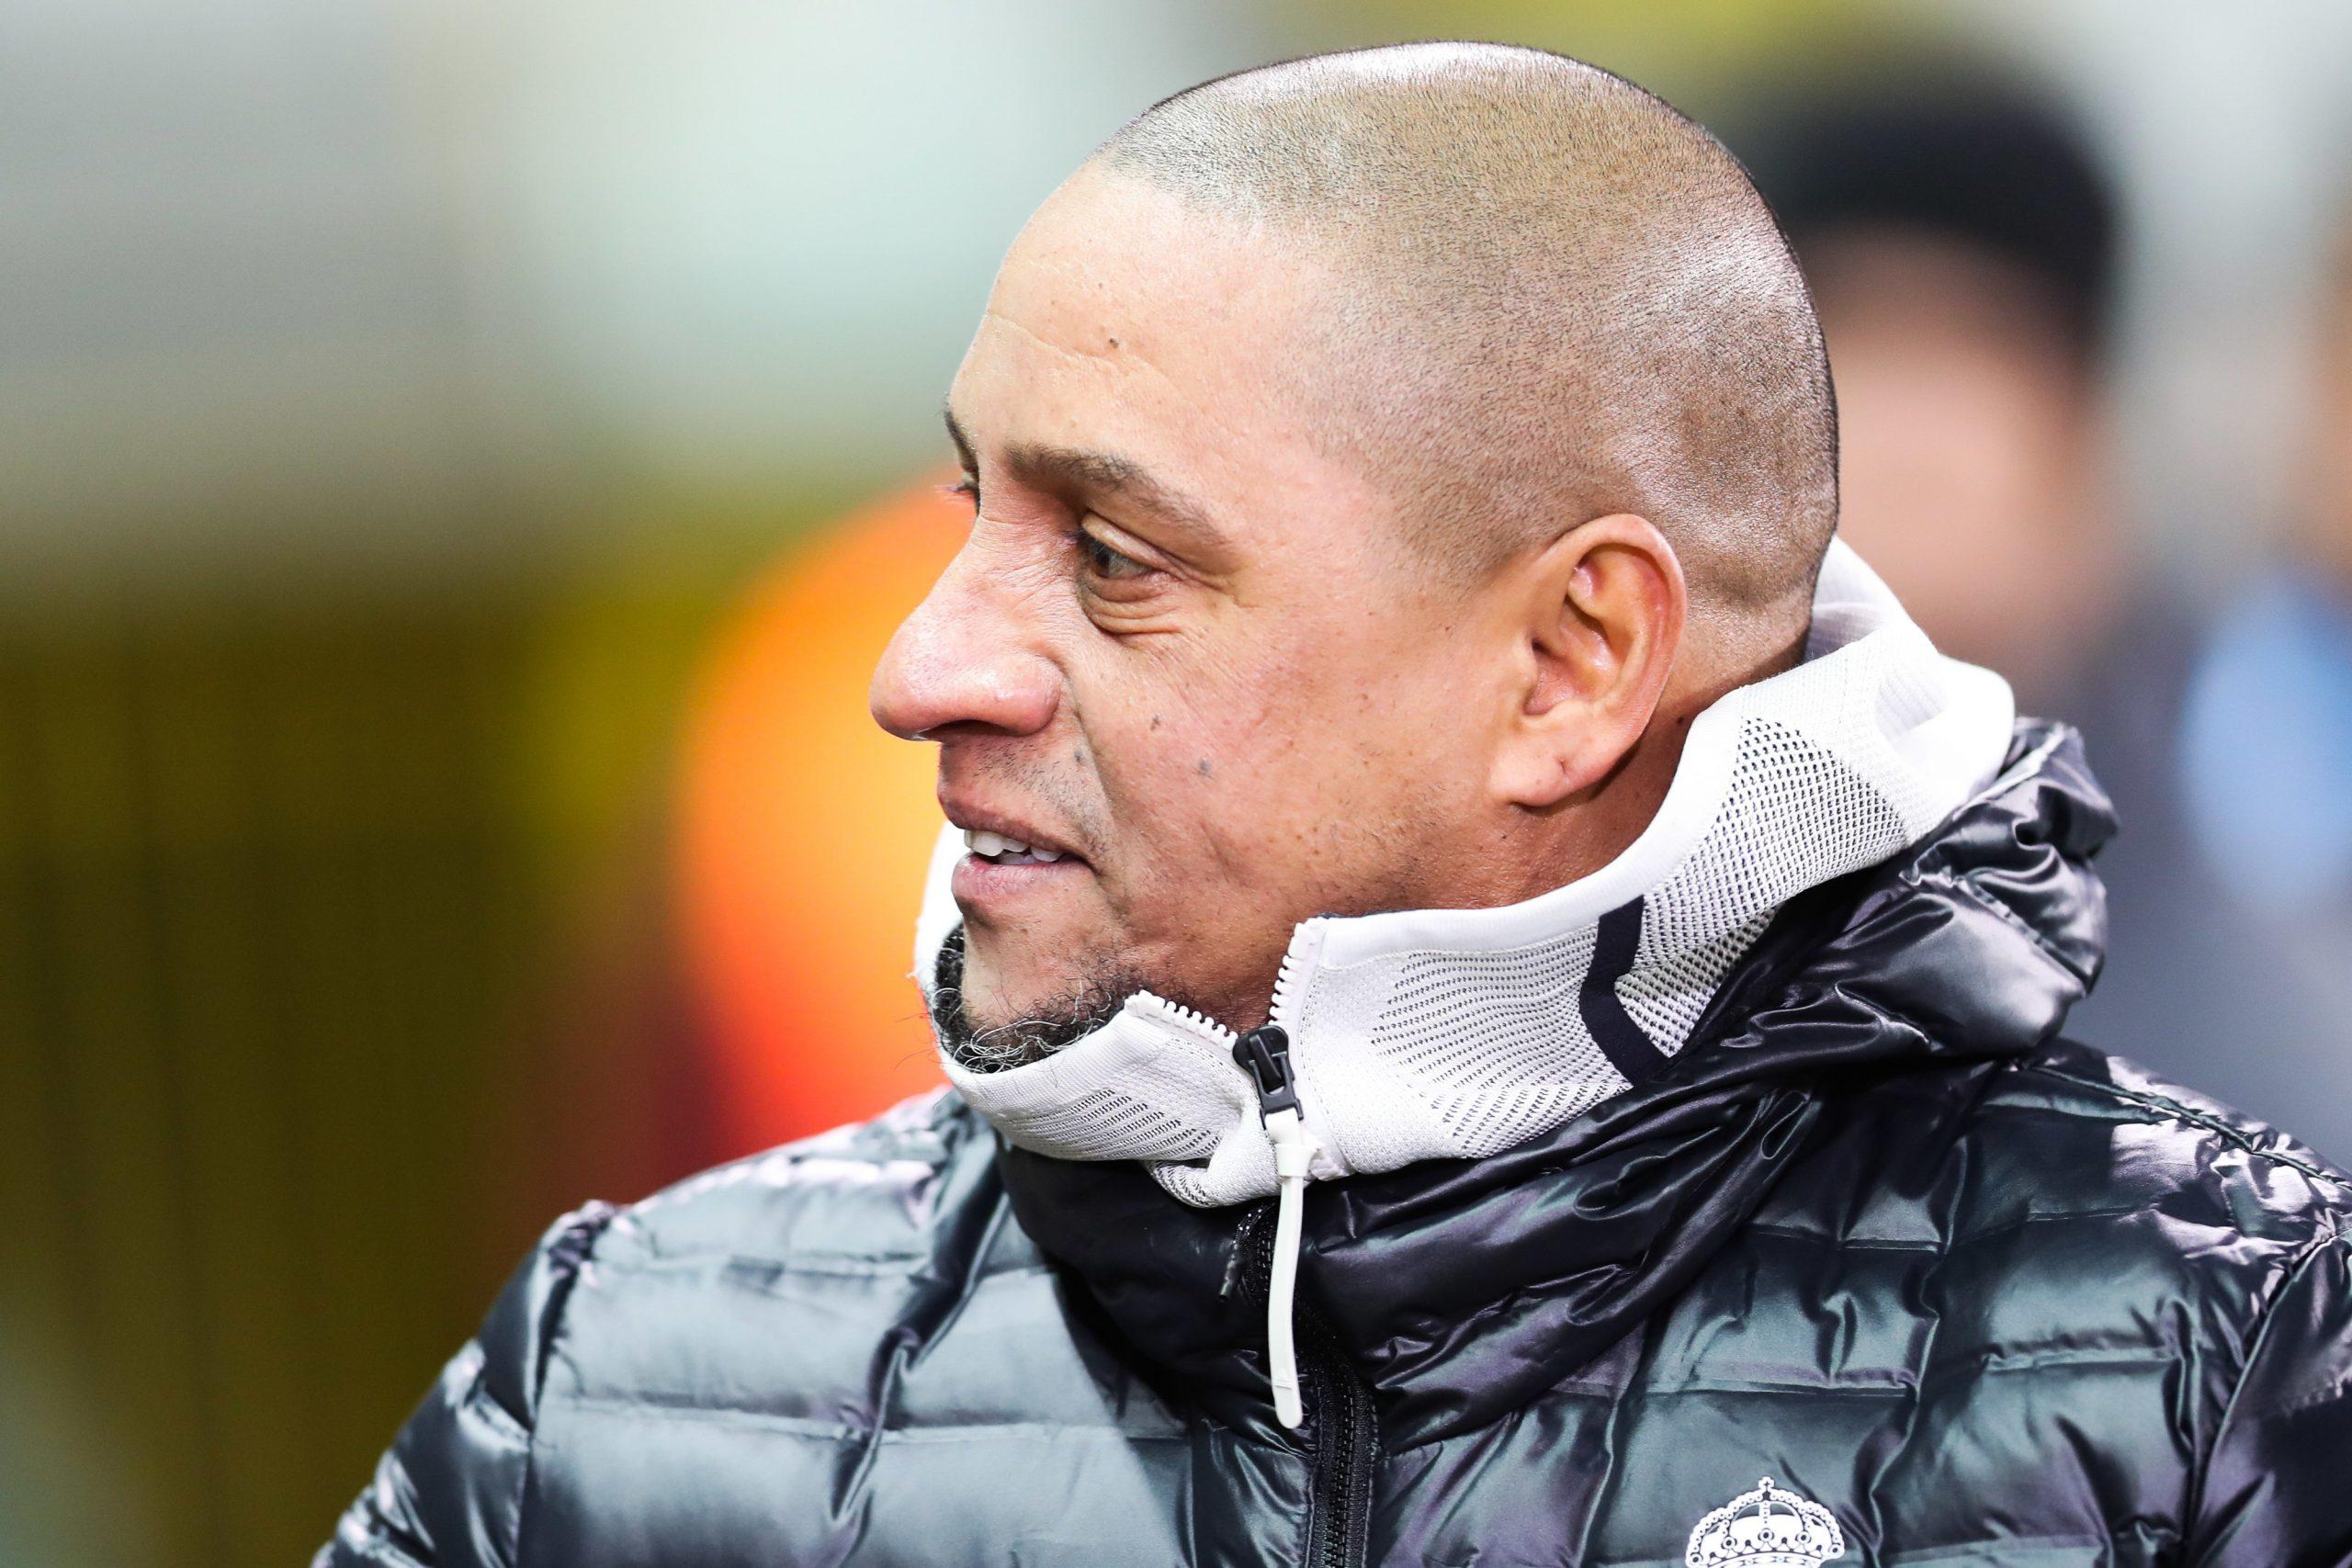 Roberto Carlos aimerait que Neymar soit au Real Madrid, même s'il est «heureux au PSG»